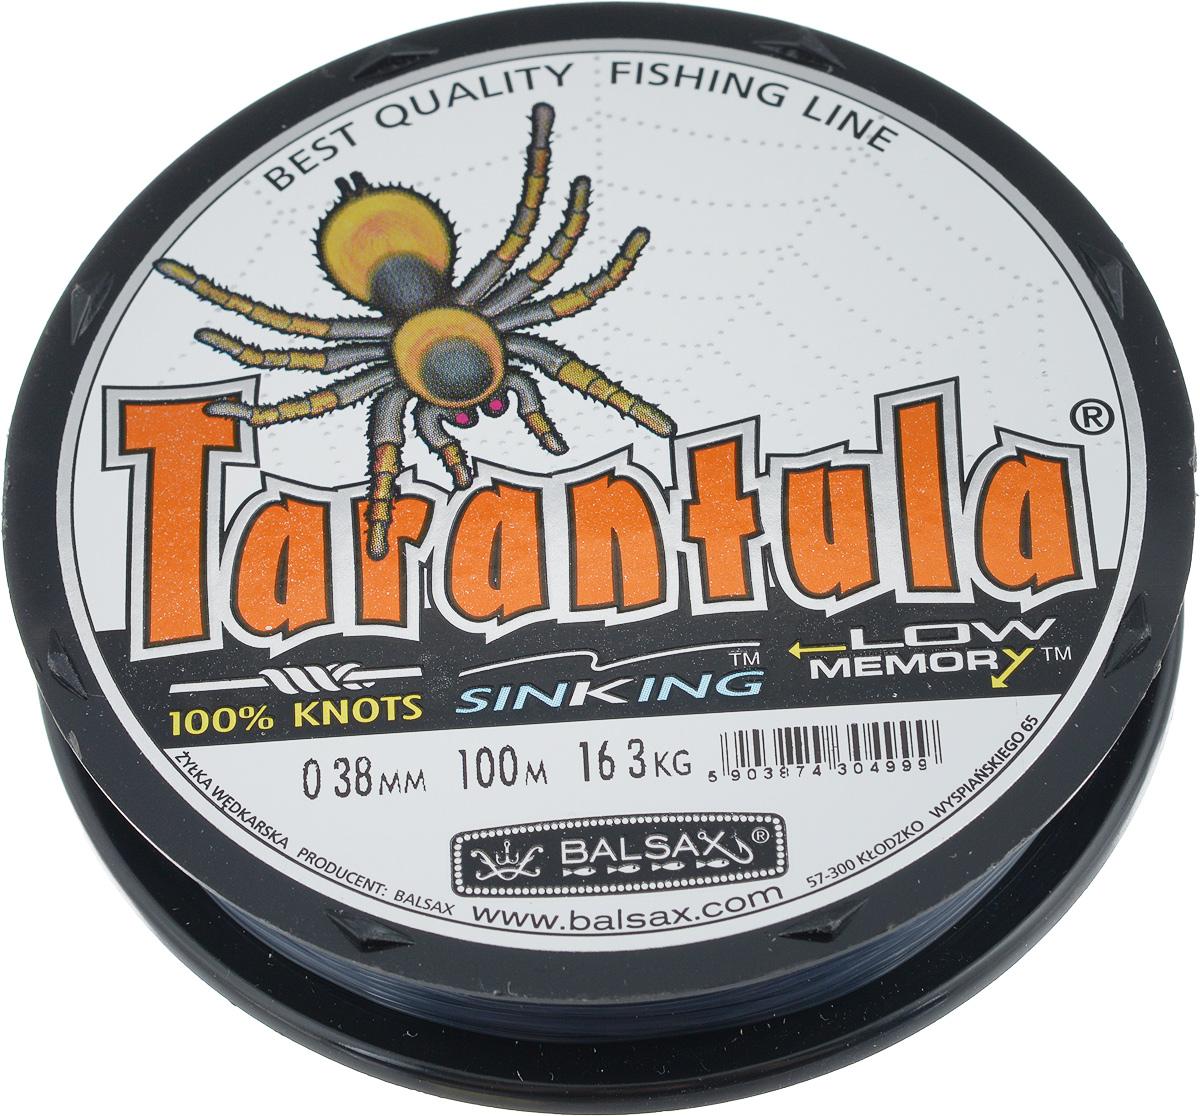 Леска Balsax Tarantula, 100 м, 0,38 мм, 16,3 кг304-10025Леска Balsax Tarantula выполнена из нейлоновой рибозы с покрытием из тефлона. Новая молекулярная структура лески отличается повышенной сопротивляемостью к разрыву, но при этом она способна и растягиваться. Растяжимость в случае применения этой лески является отличным достоинством, особенно во время энергичной борьбы с рыбой, как амортизатор защищая оснастку от обрыва.